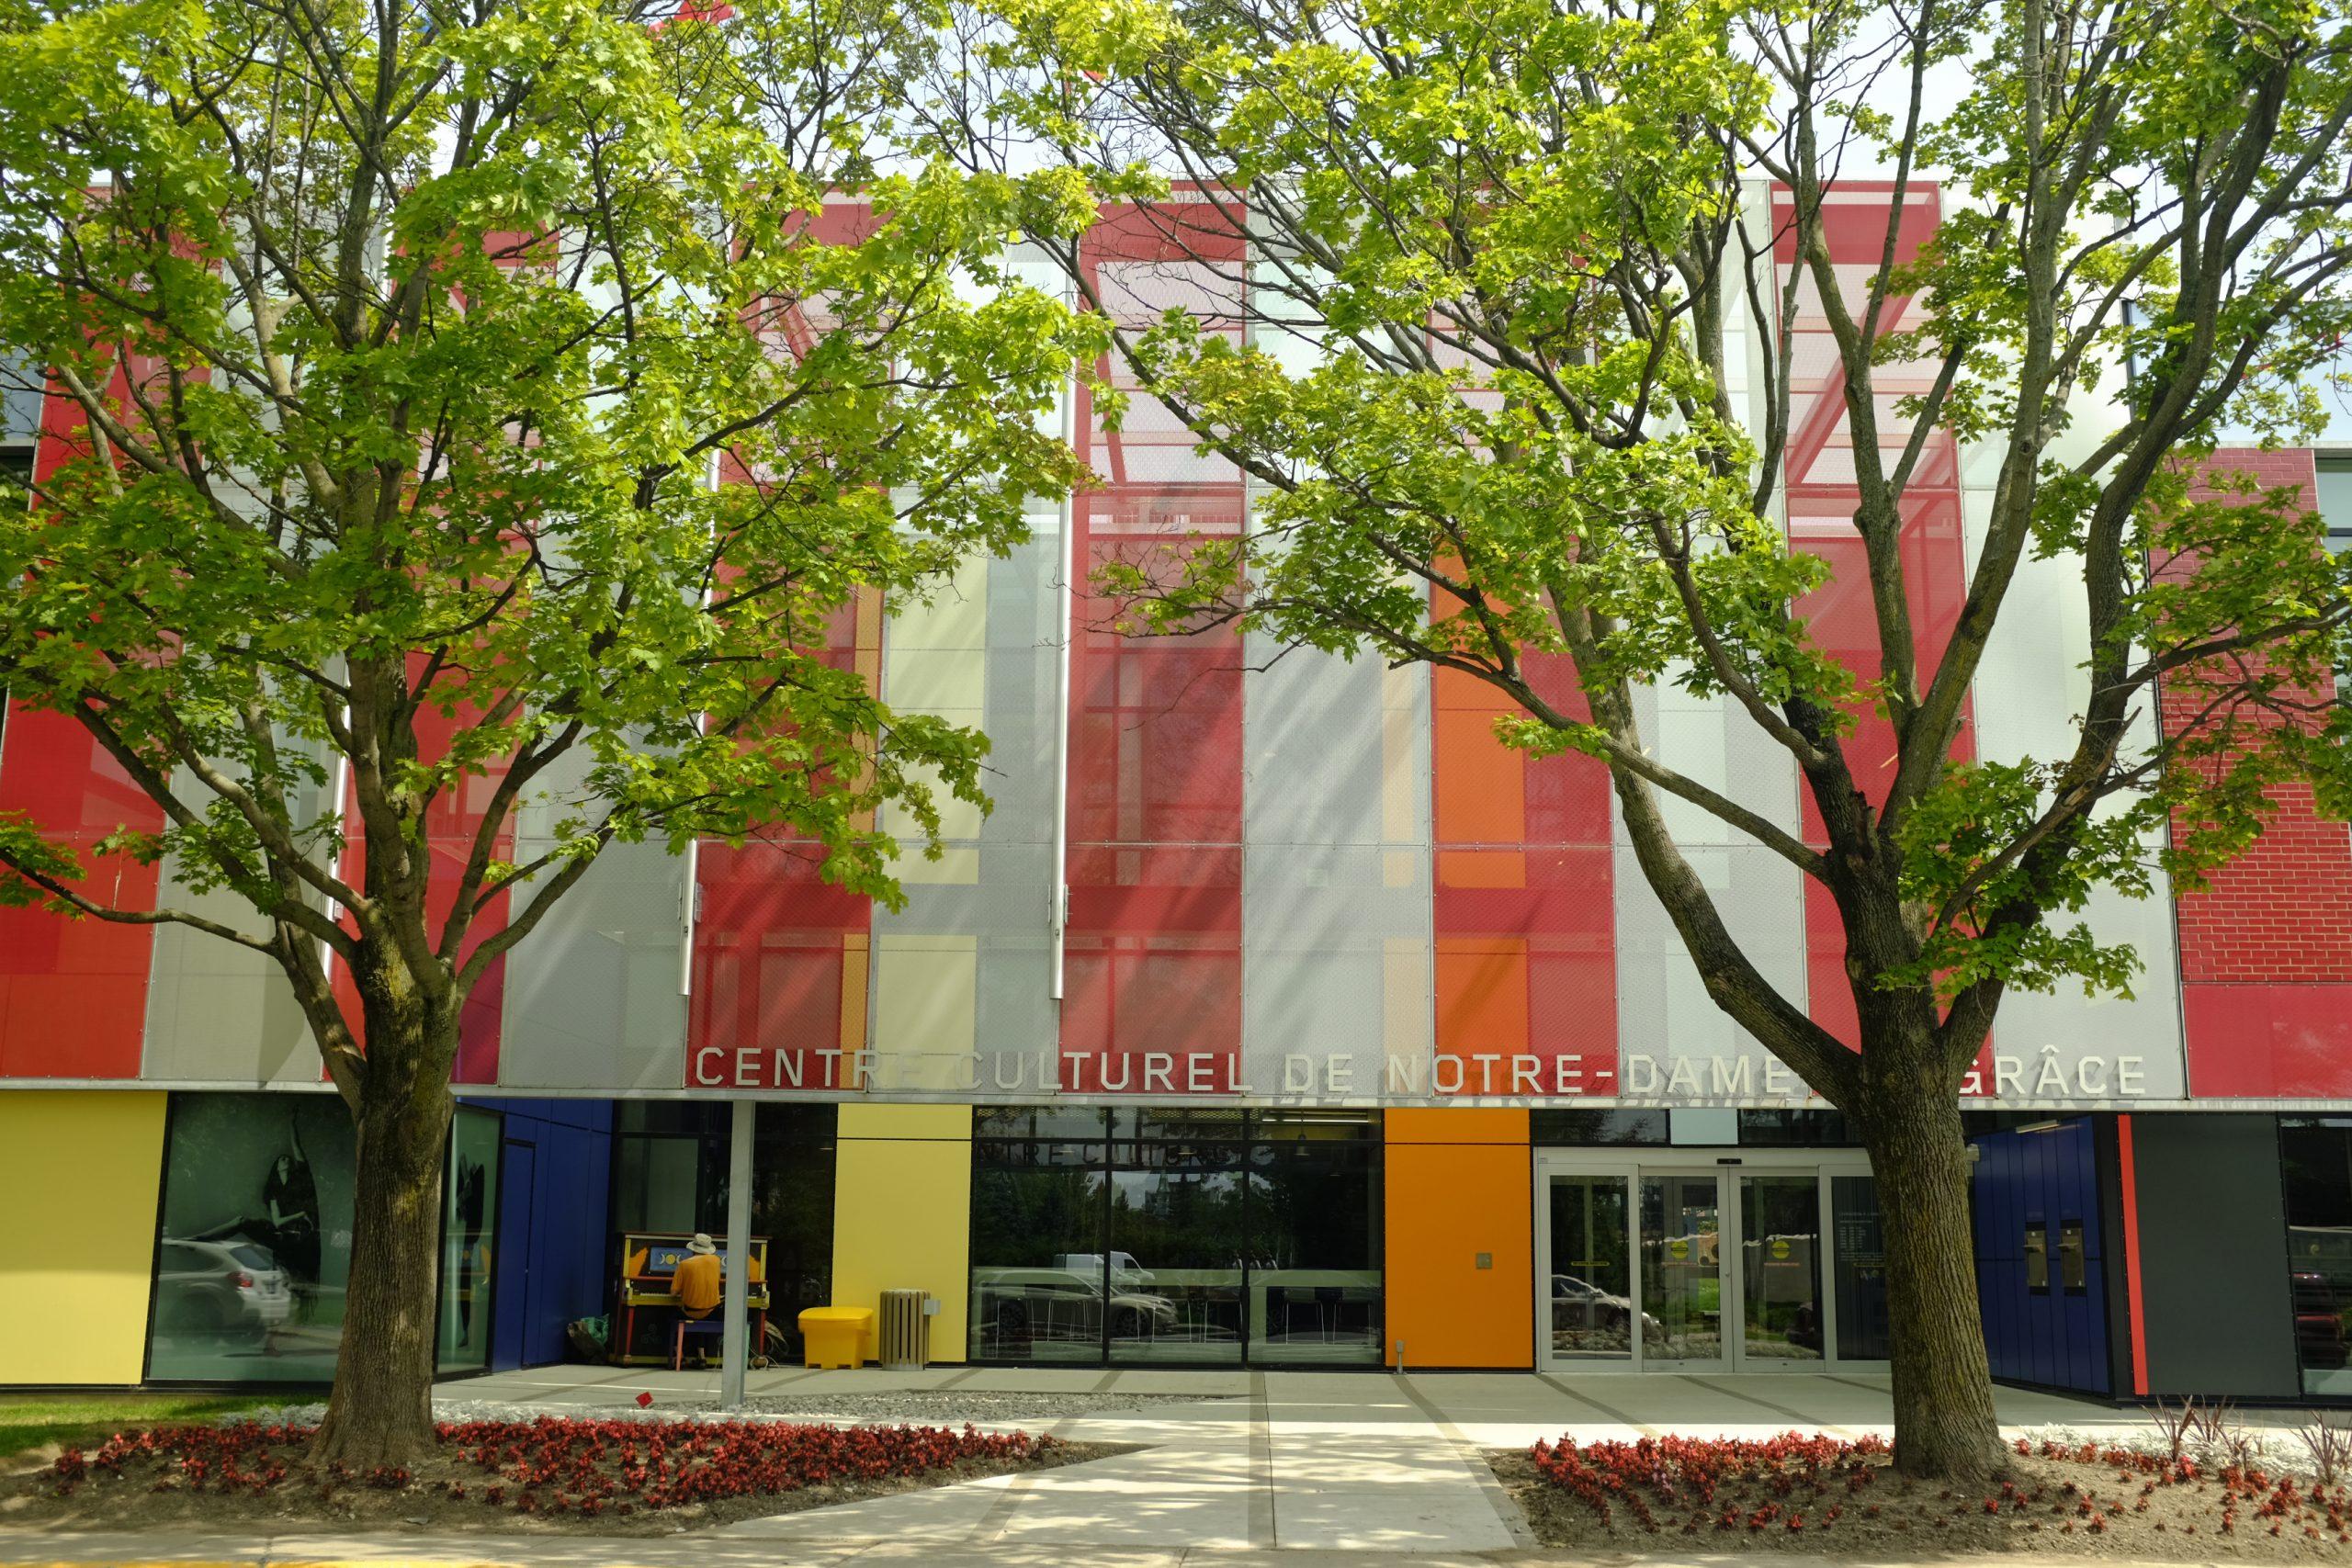 'Centre culturel Notre-Dame-de-Grâce Cecobois